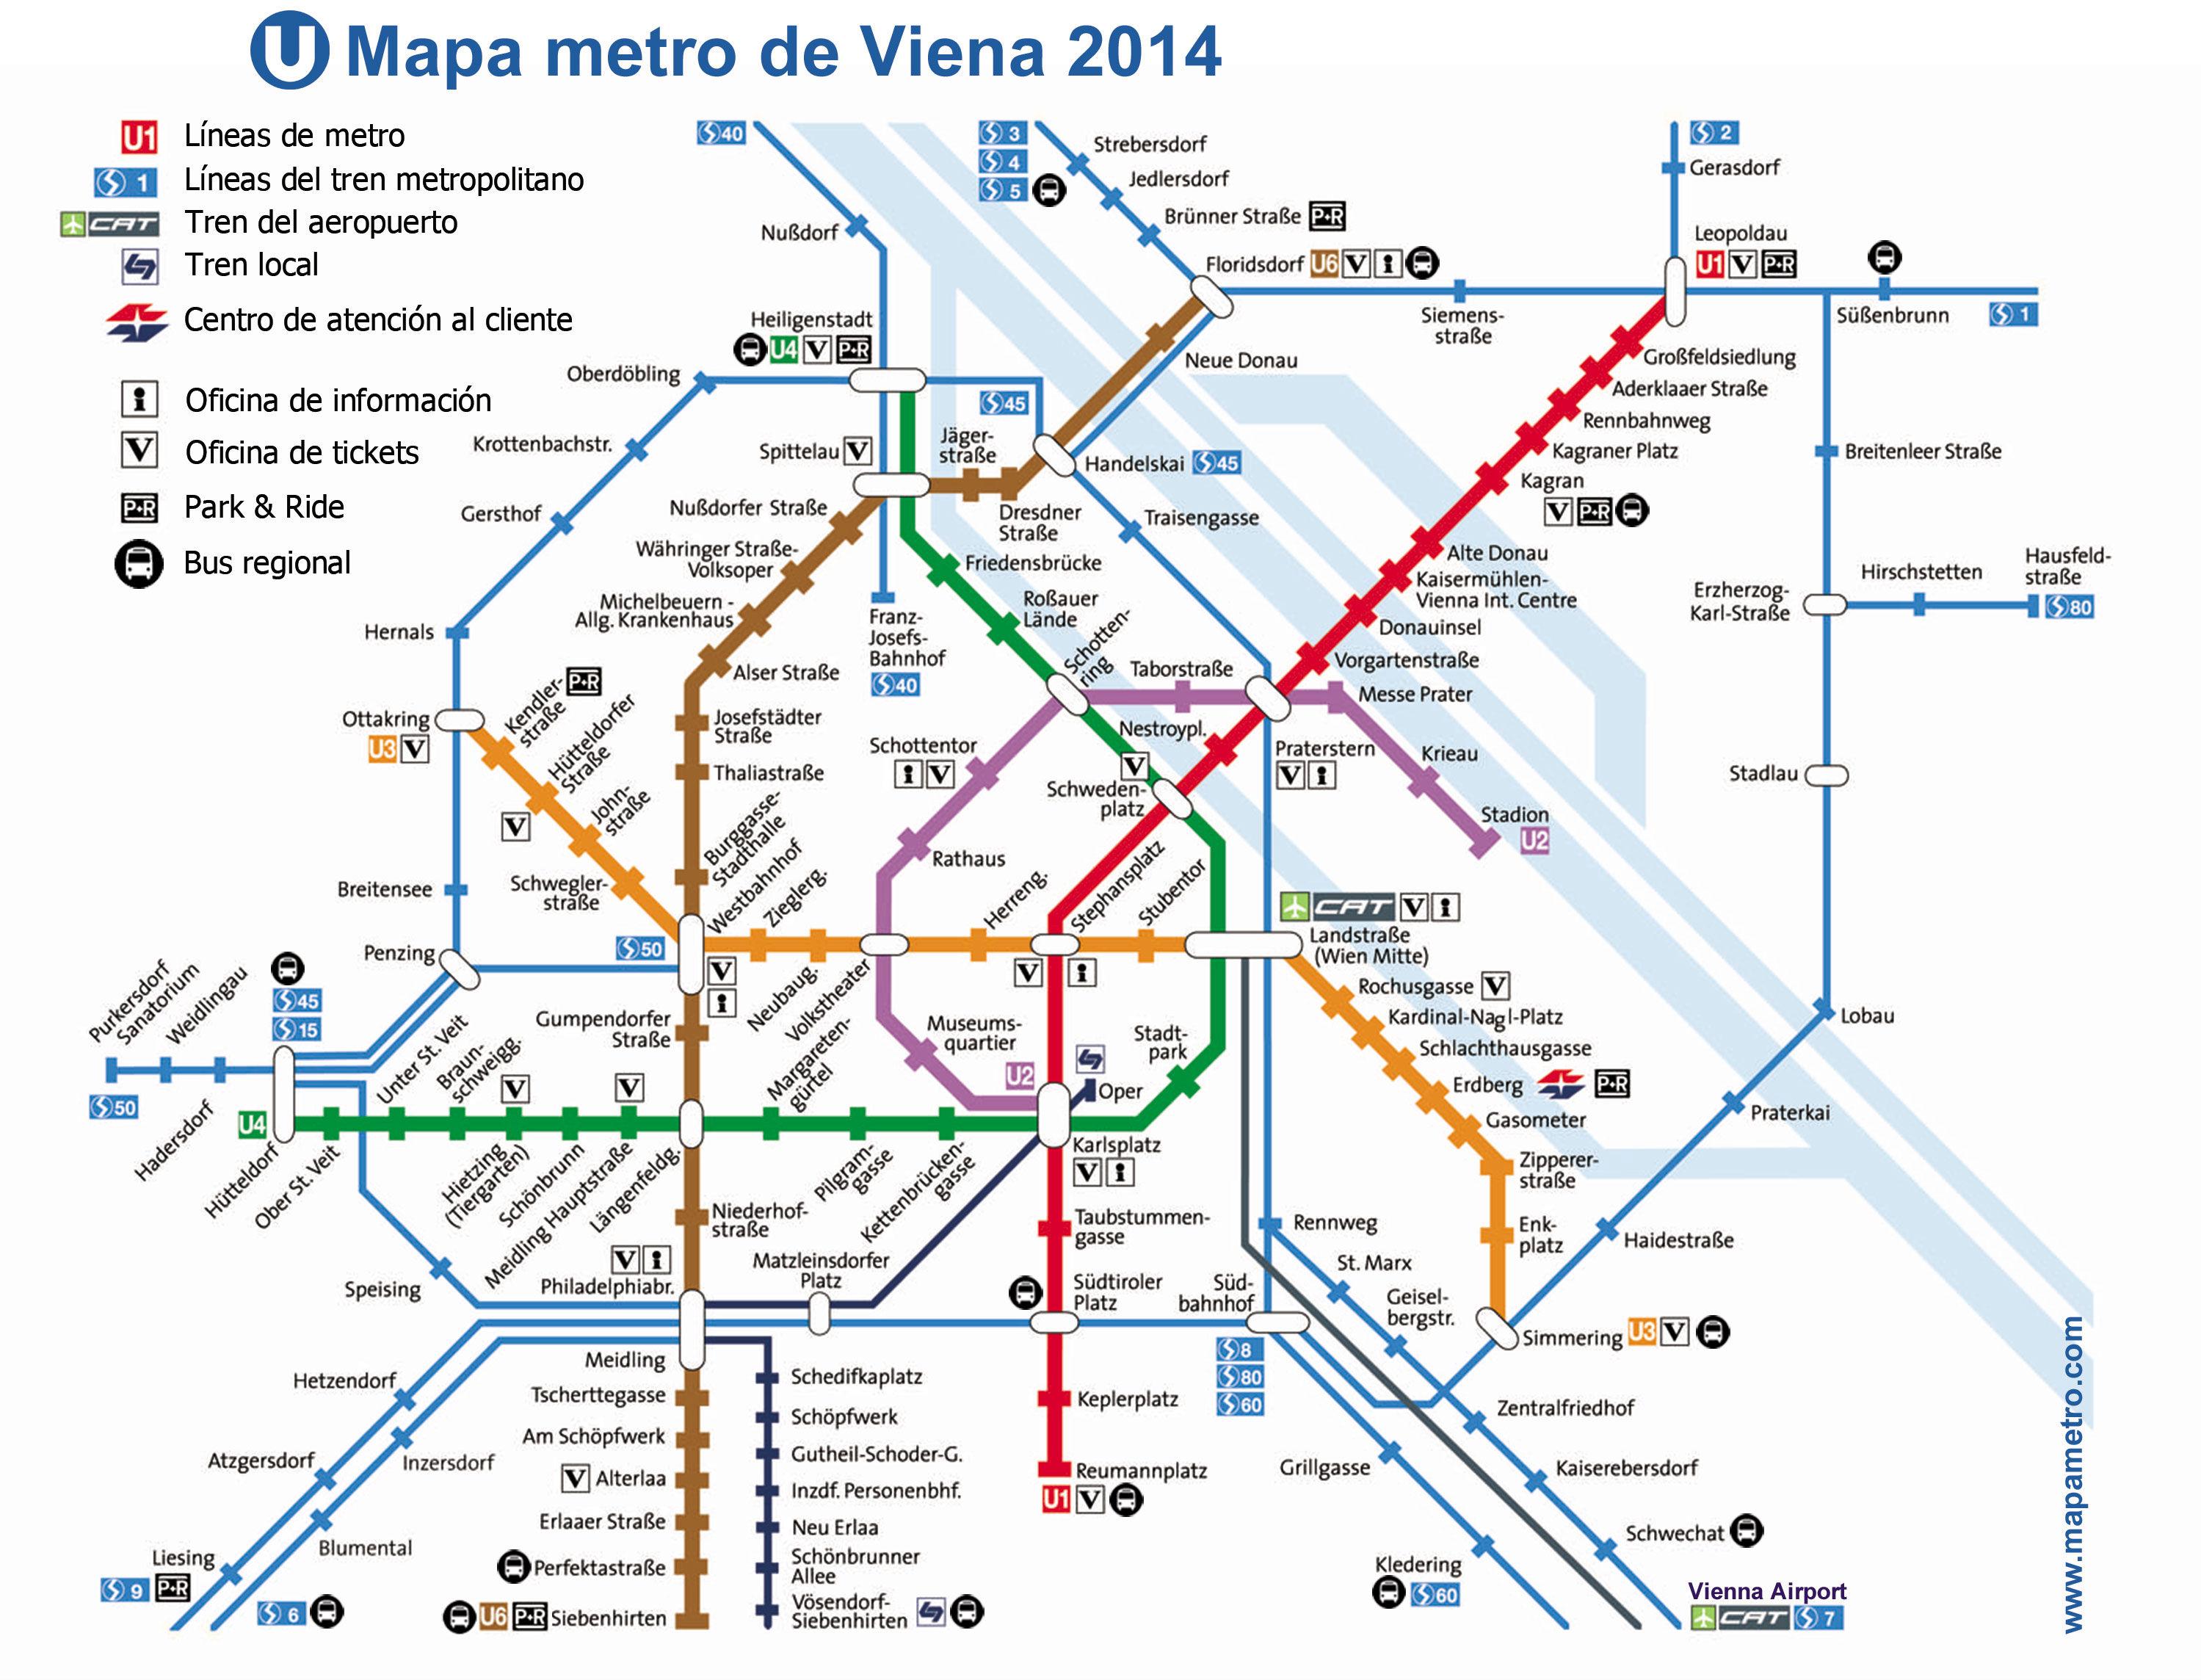 viena mapa Map meter of Vienna (Vienna U Bahn) (Austria) viena mapa